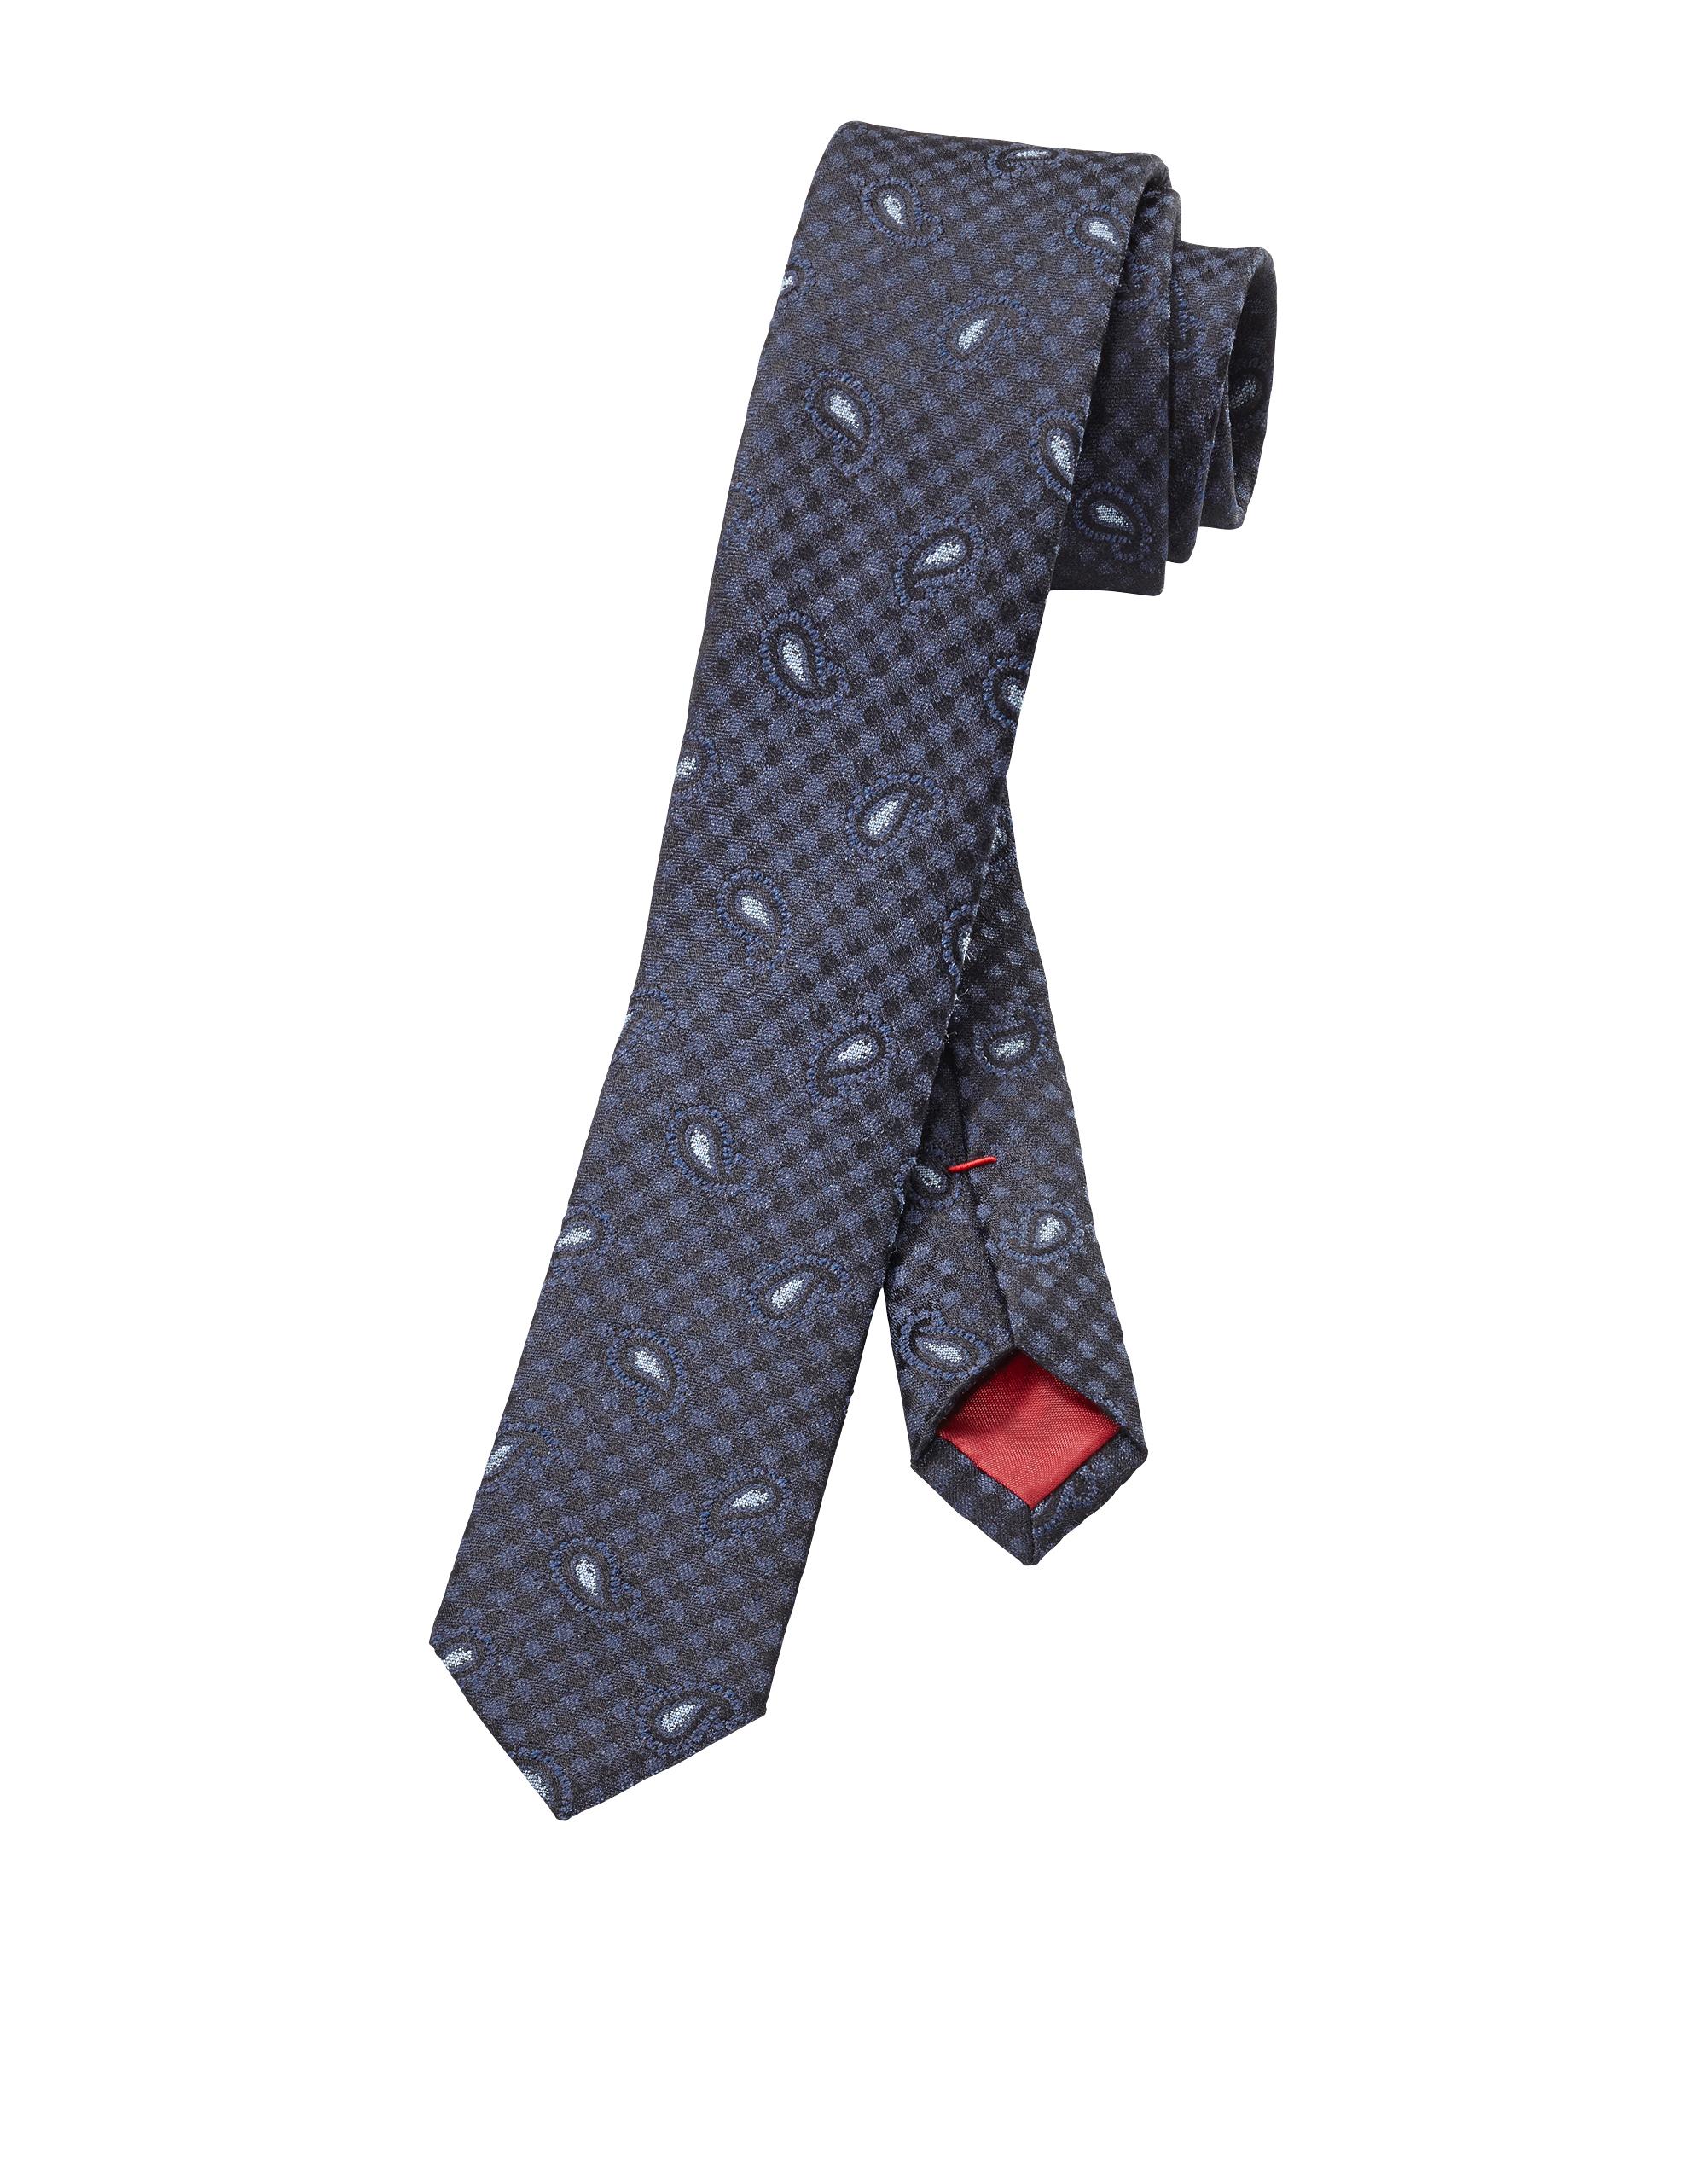 OLYMP Krawatte, Marine, | Accessoires > Krawatten > Sonstige Krawatten | Marine | 100% seide | OLYMP Krawatte